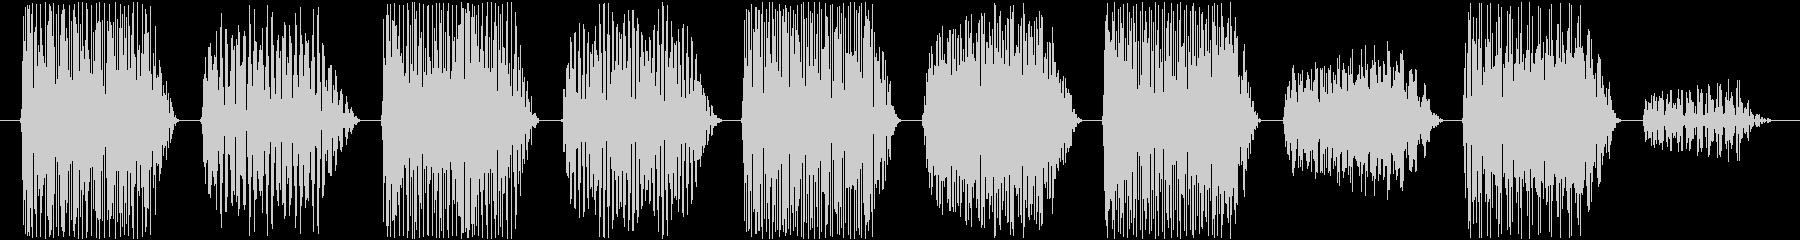 効果音。ポロリ音(ゲーム音)の未再生の波形